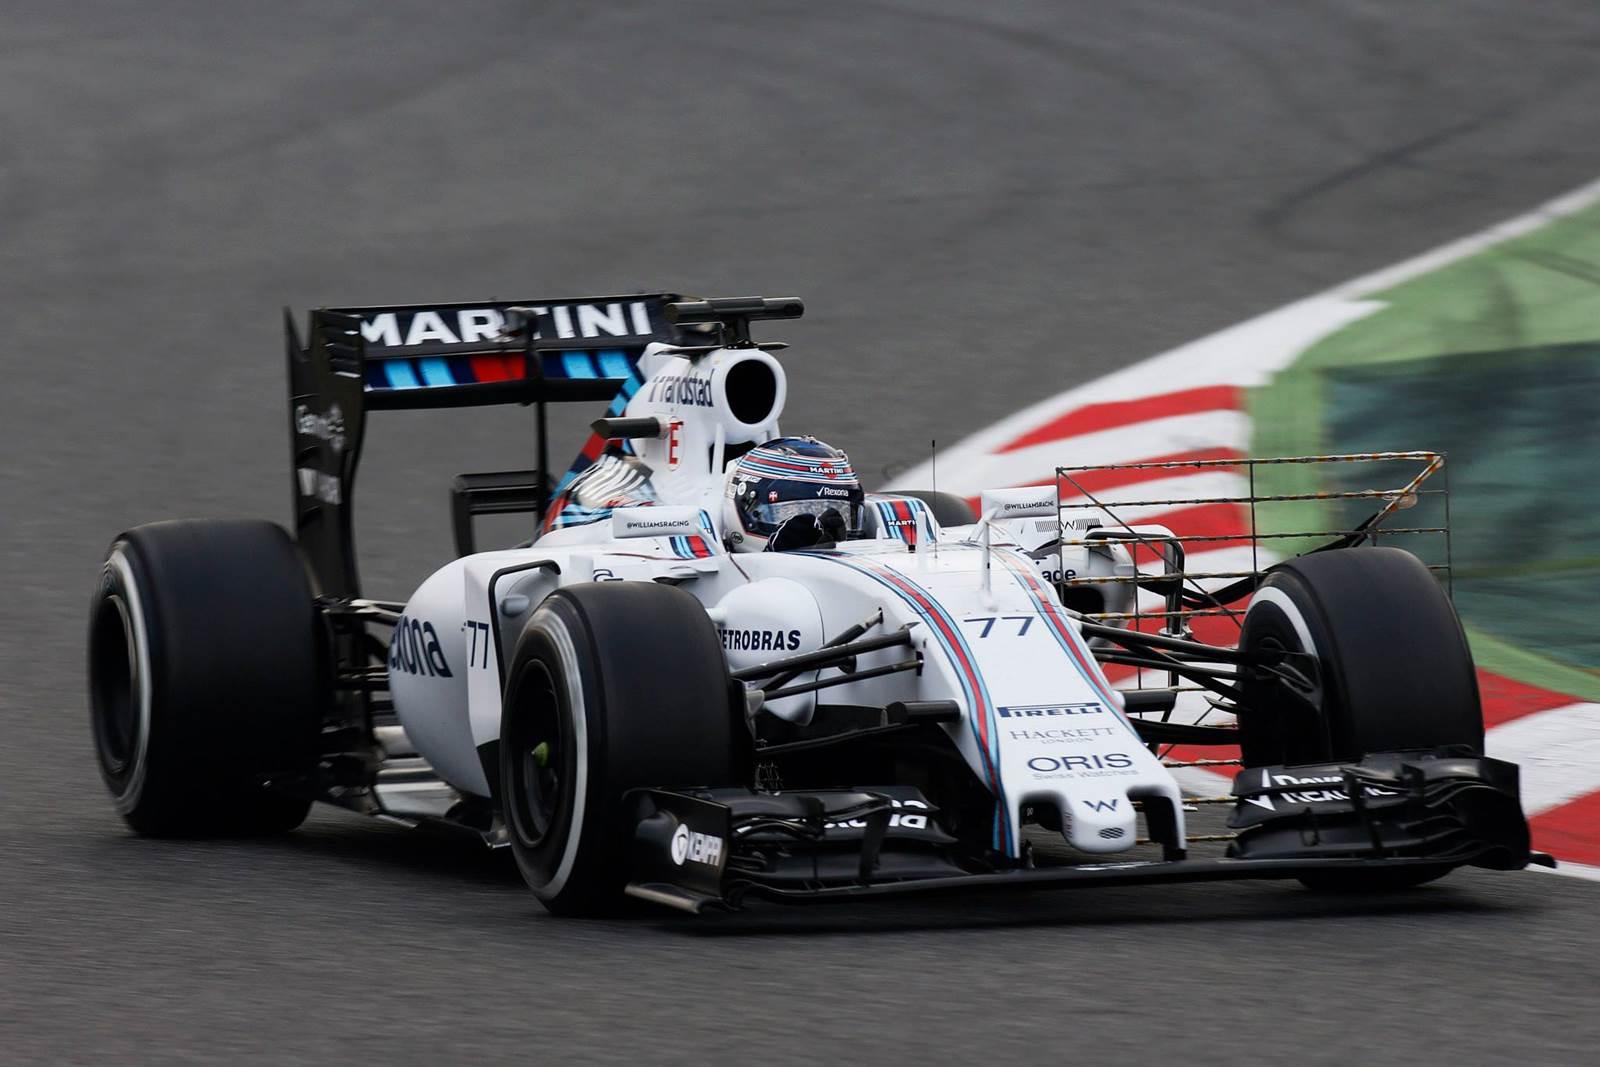 Williams-Mercedes - Valtieri Bottas